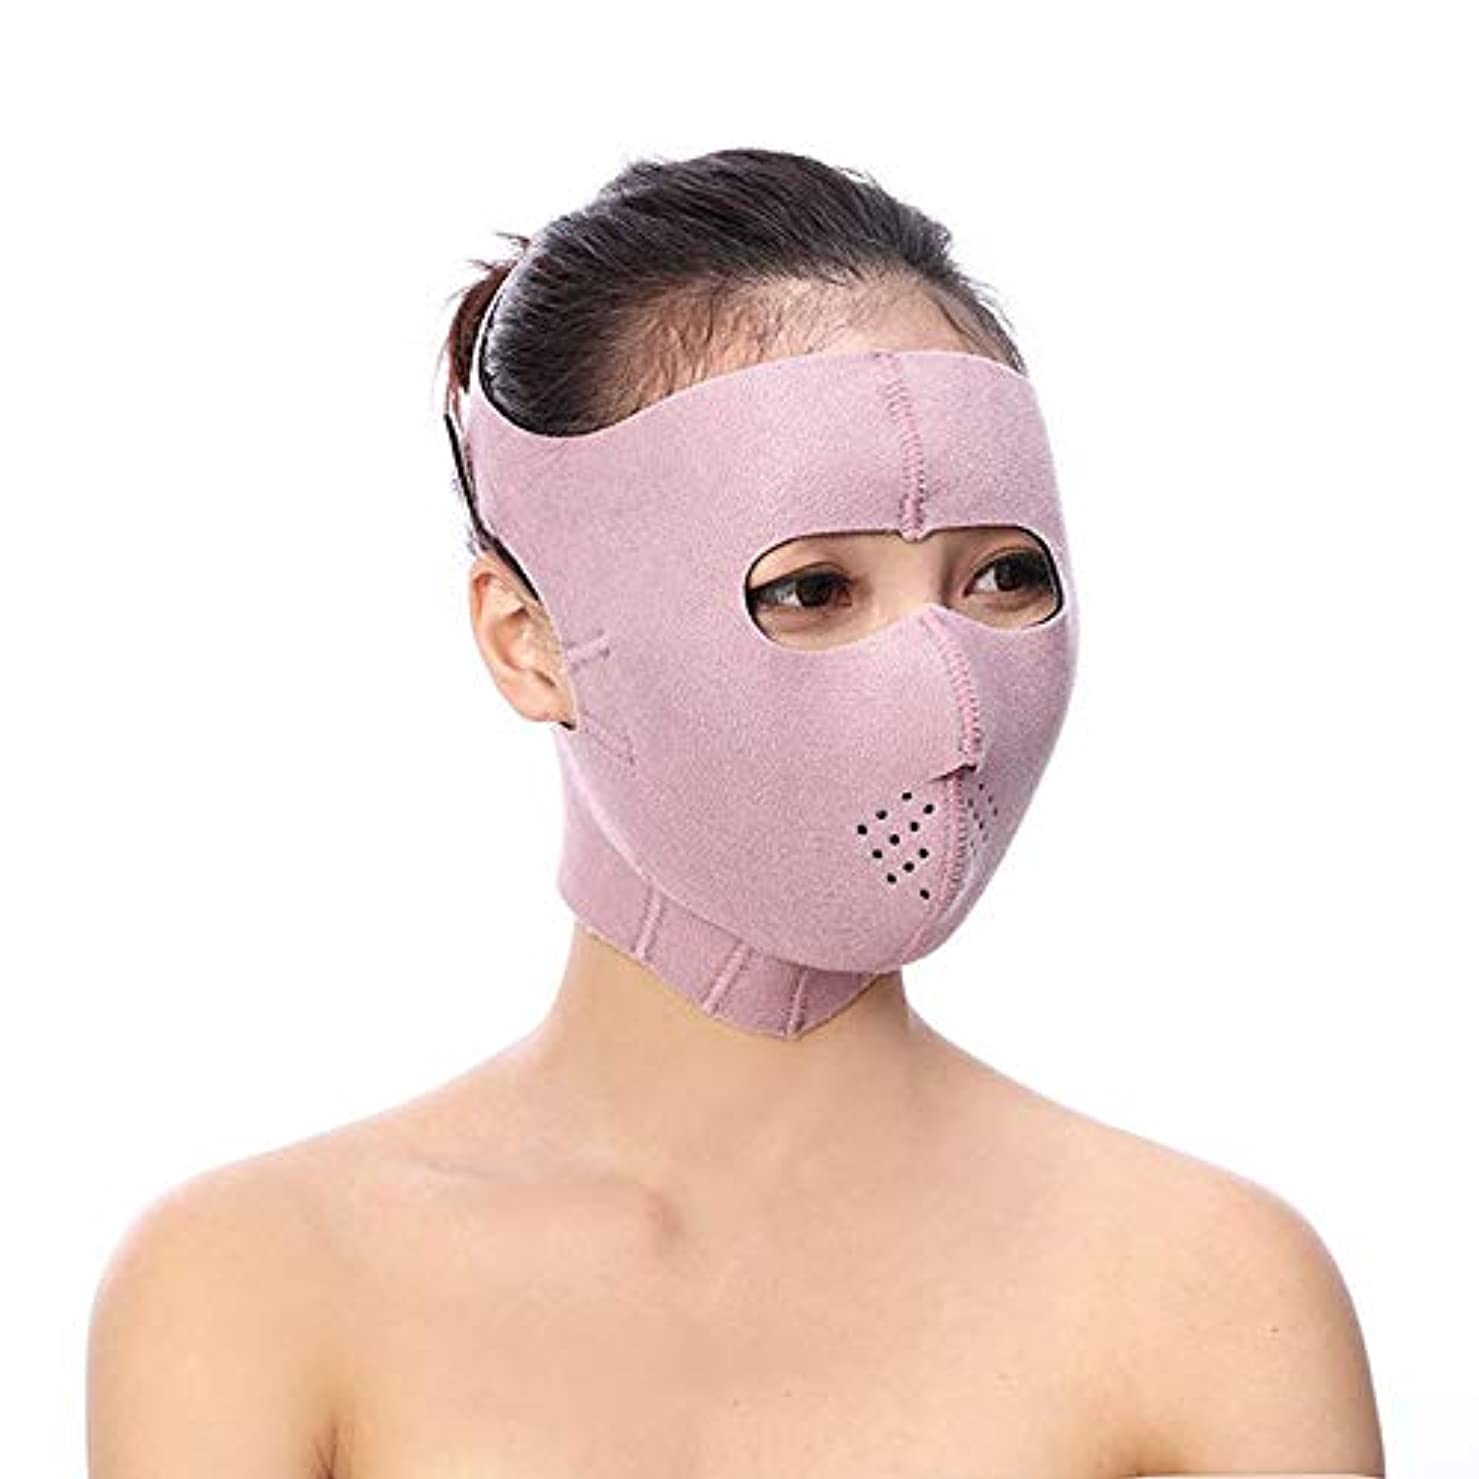 クラッチ発見するかどうか飛強強 フェイシャルリフティング痩身ベルト - Vフェイス包帯マスクフェイシャルマッサージャー無料の薄いフェイス包帯整形マスクを引き締める顔と首の顔スリム スリムフィット美容ツール